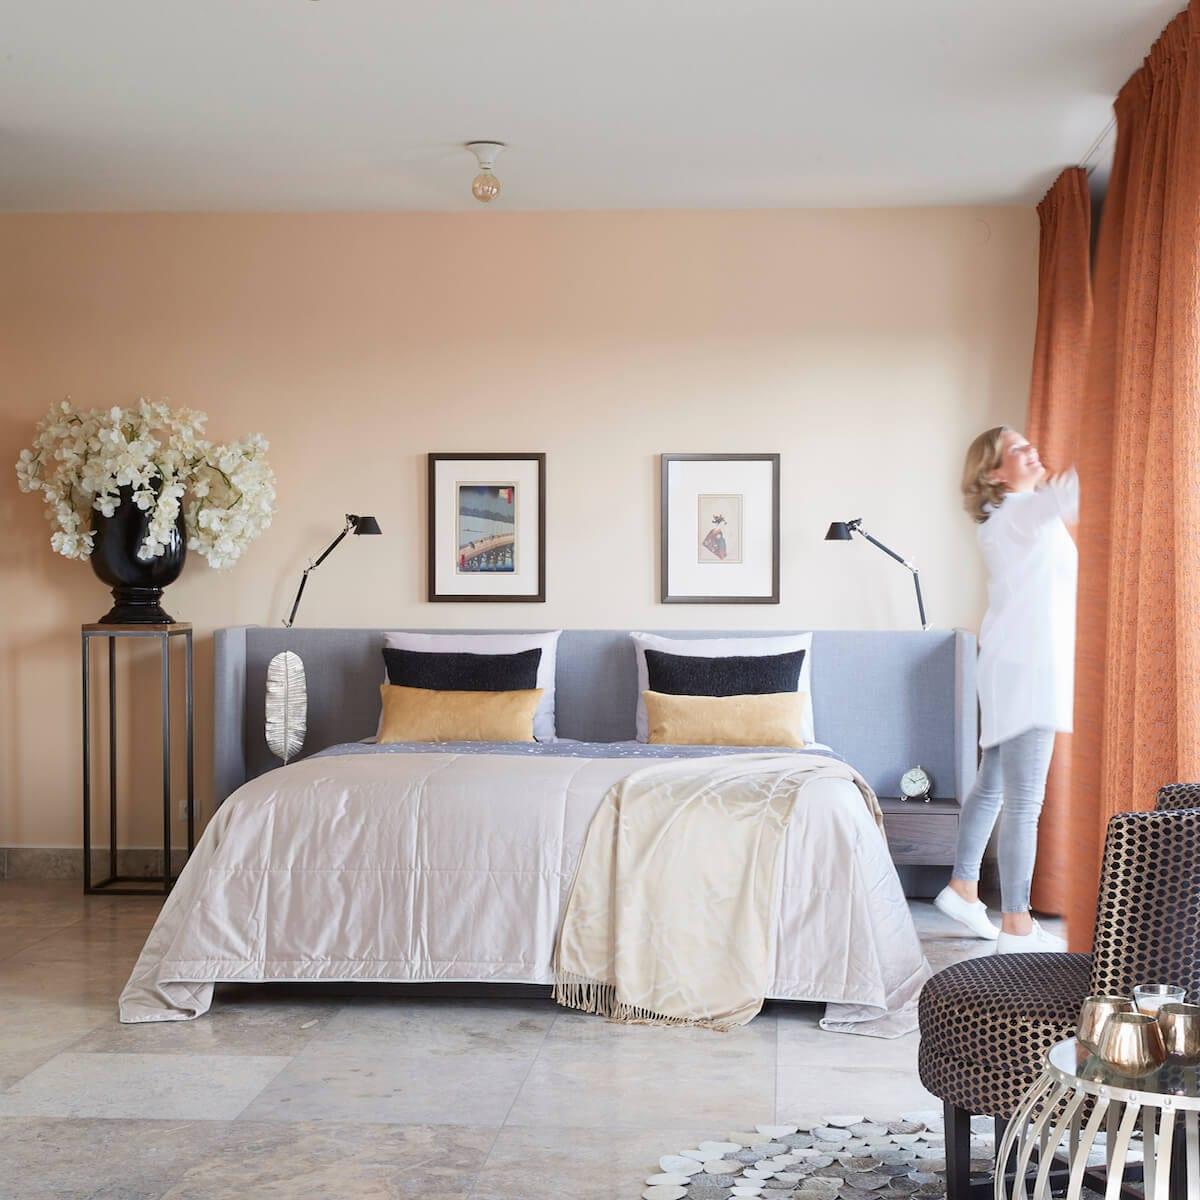 vrouw doet slaapkamergordijn open naast bed